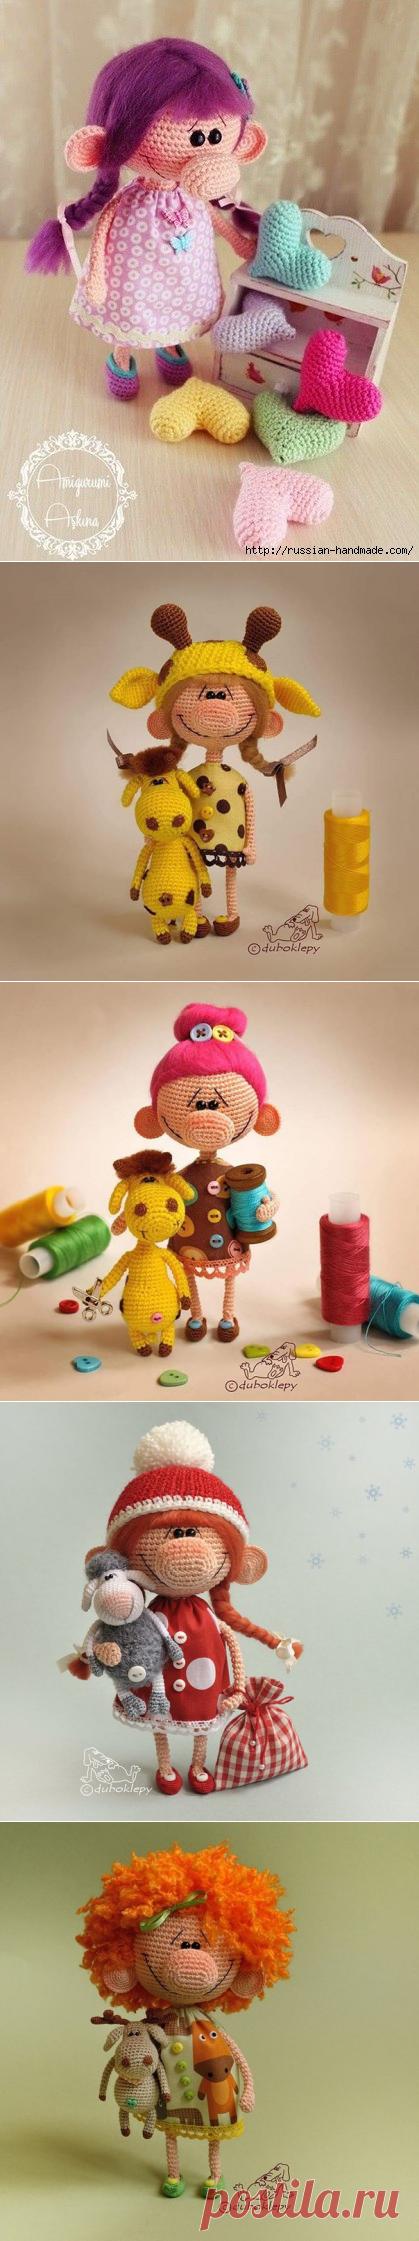 Большеносая куколка (с описанием) | Вязаные куклы крючком ...